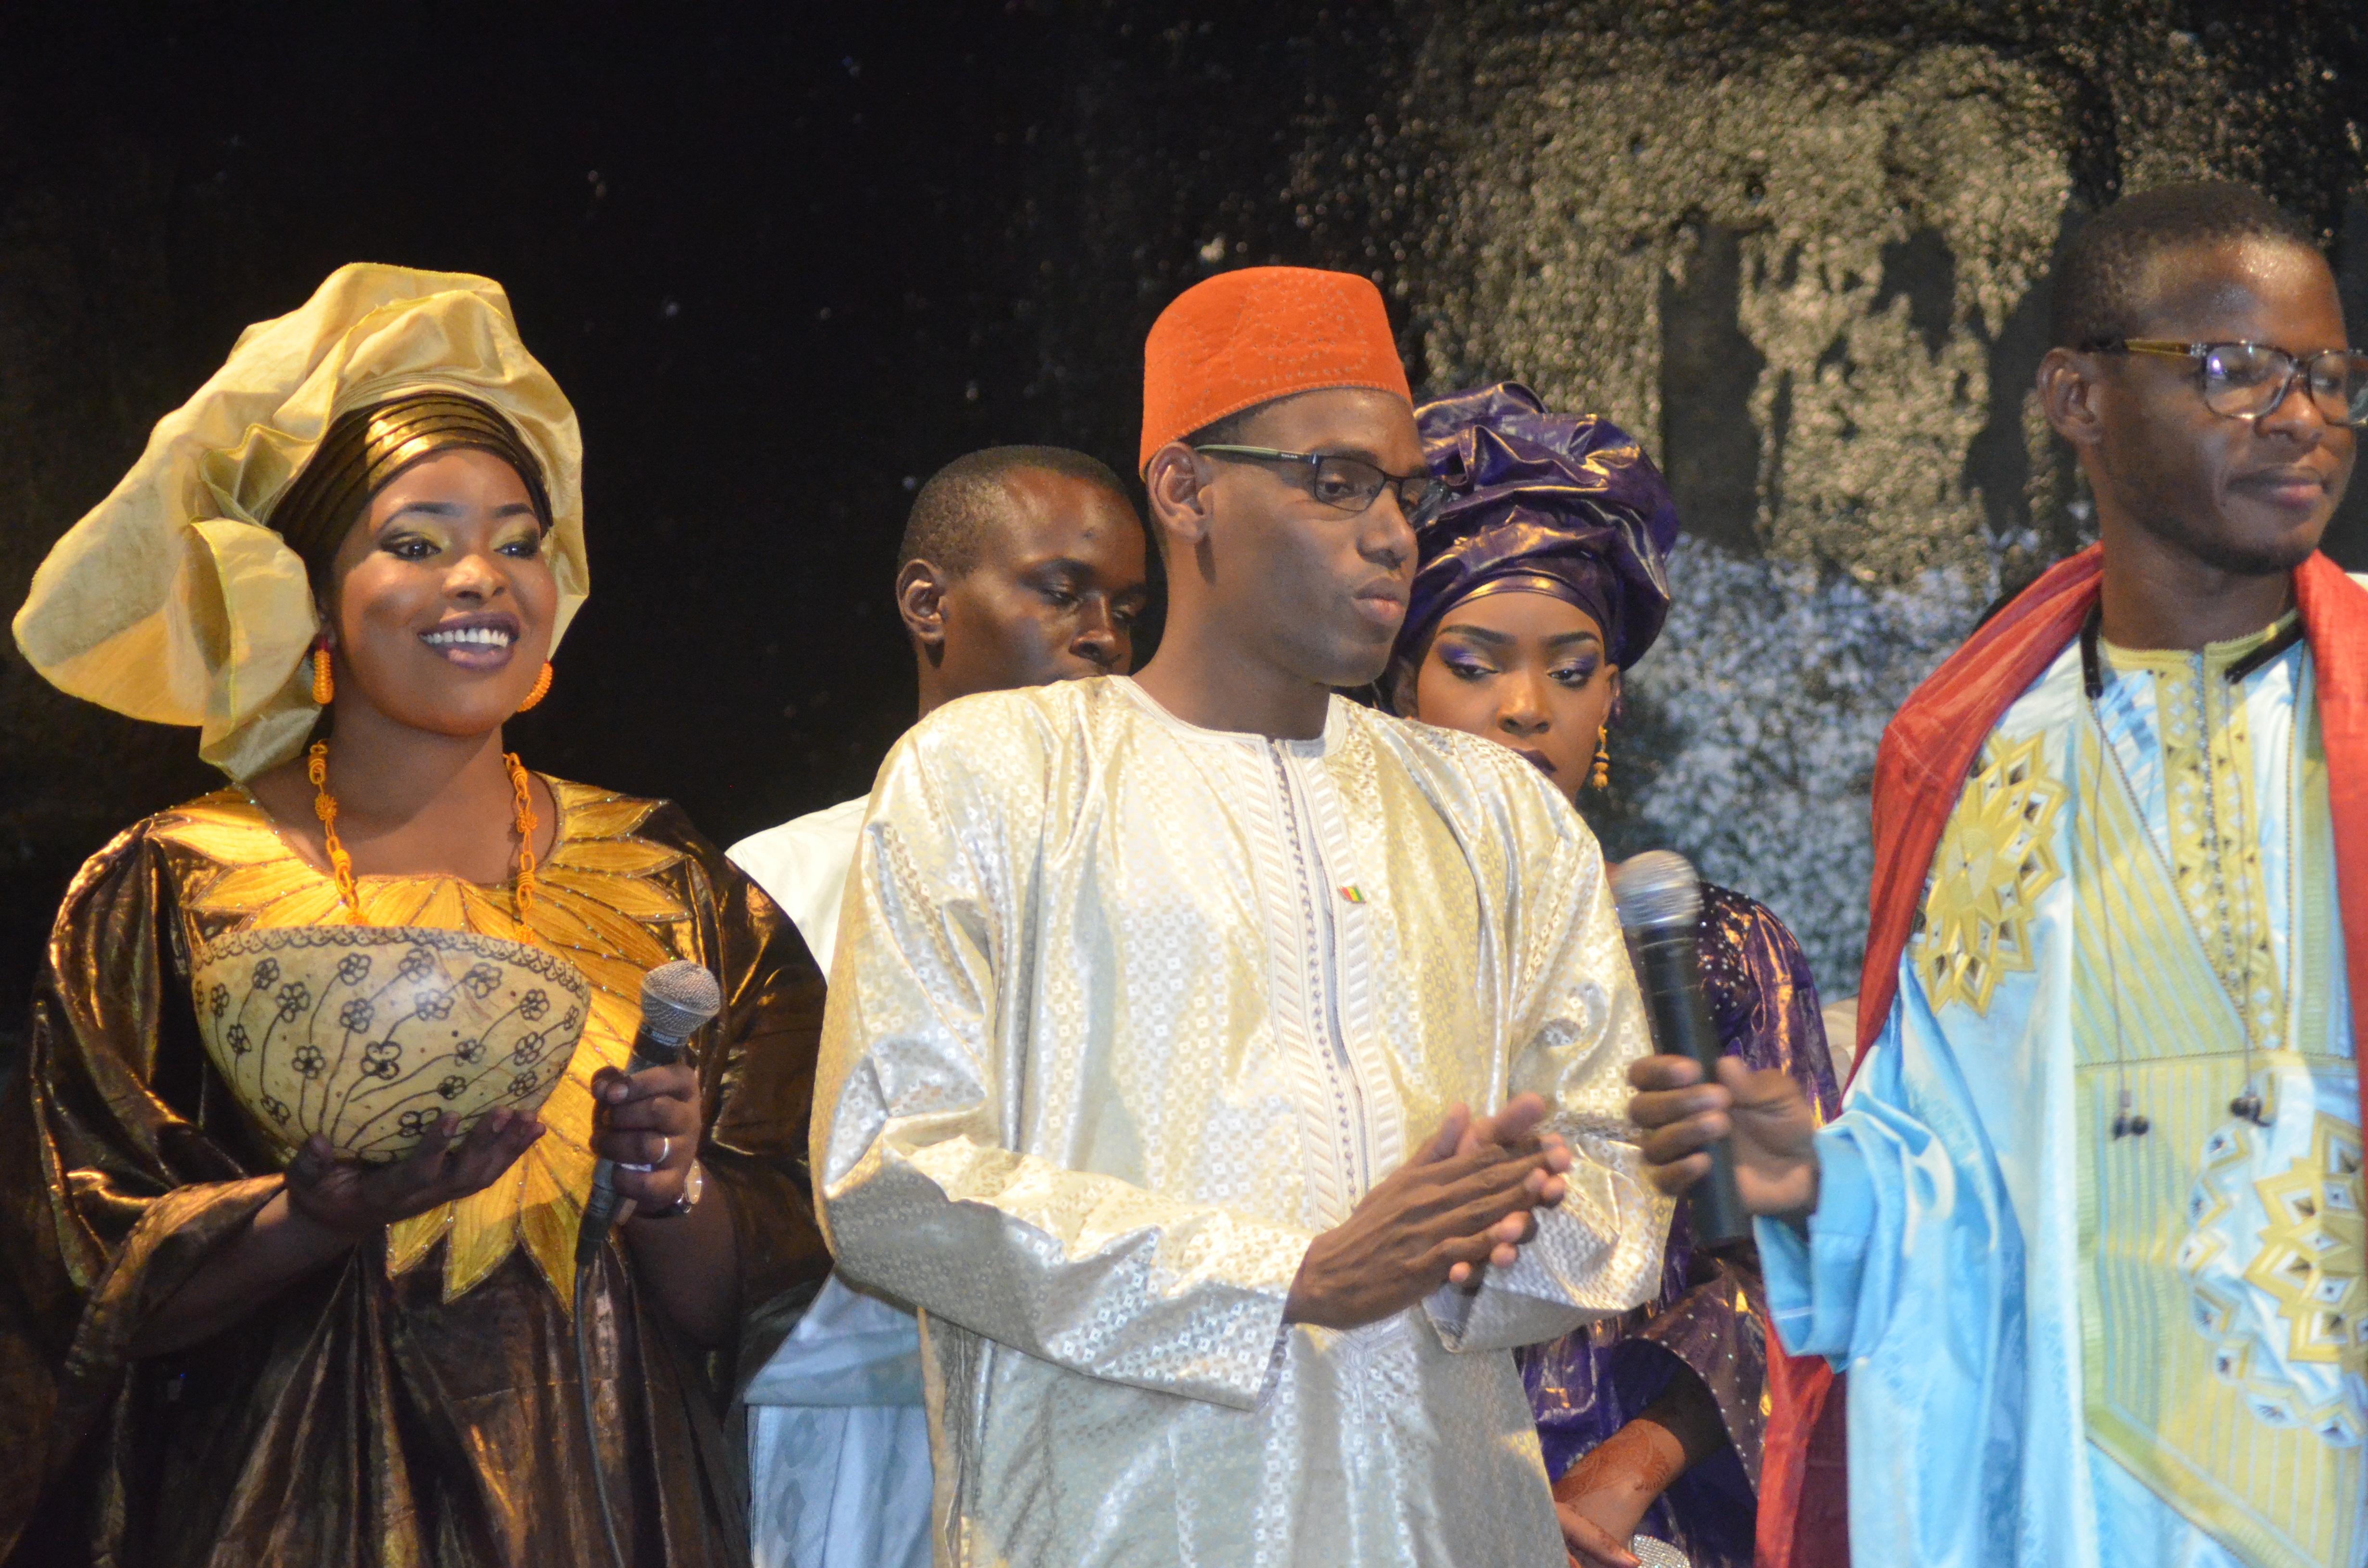 Première Edition soirée culturelle de l'Association Boyinadji Ma fierté de Bokidiawé, le parrain Bocar Abdoulaye Ly appelle à l'union des cœurs (37)